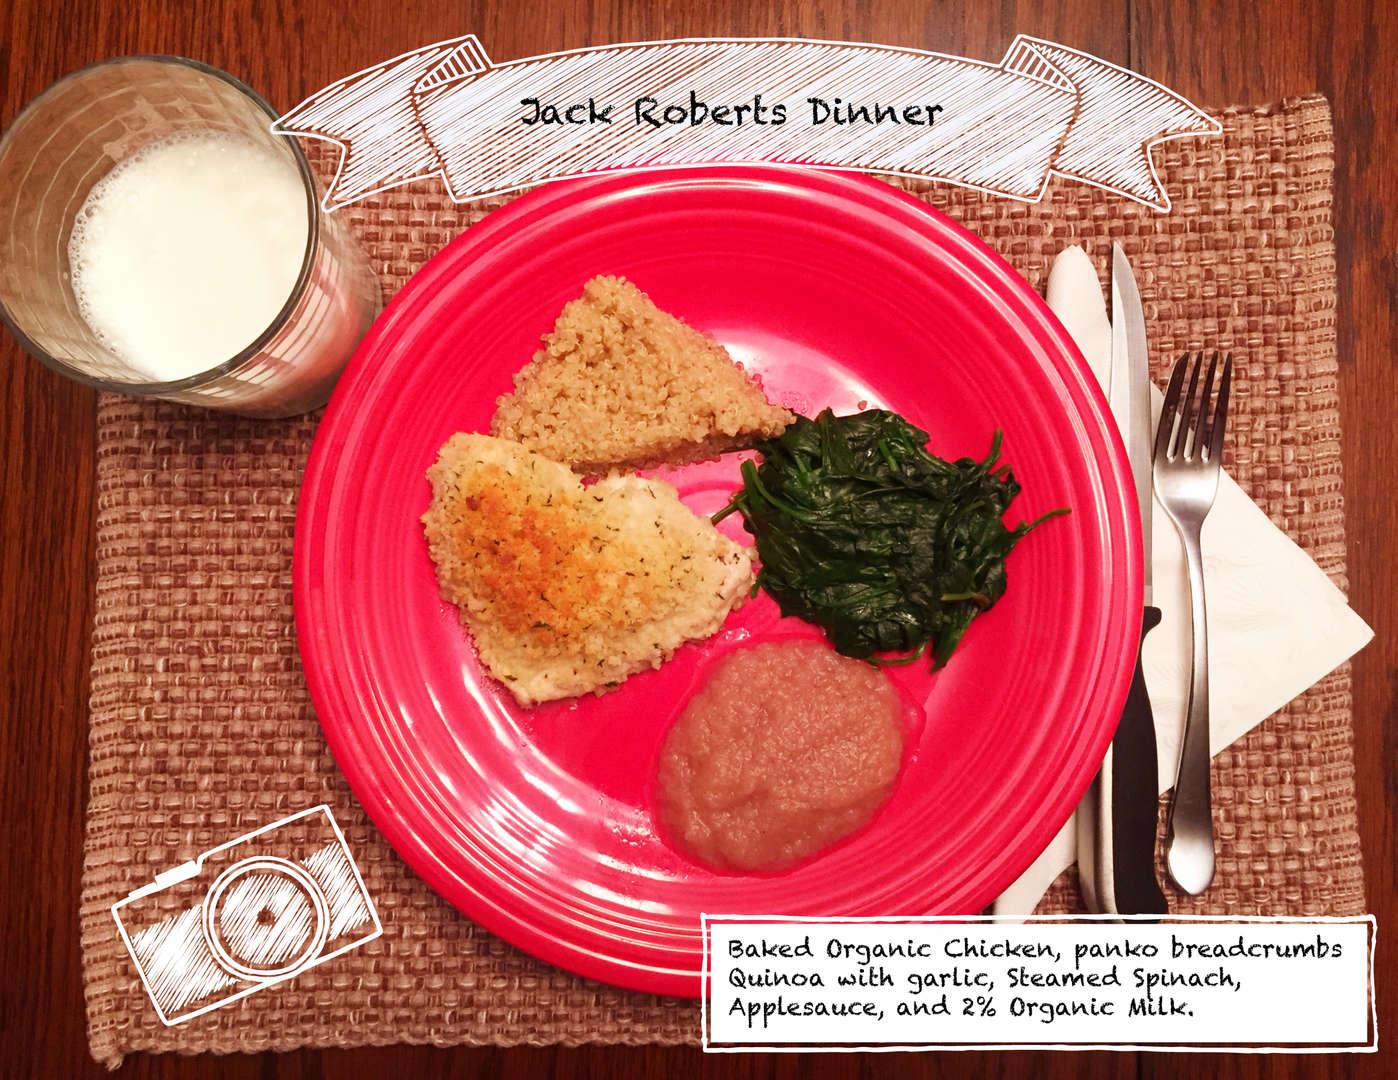 Quinoa, chicken, spinach, applesauce